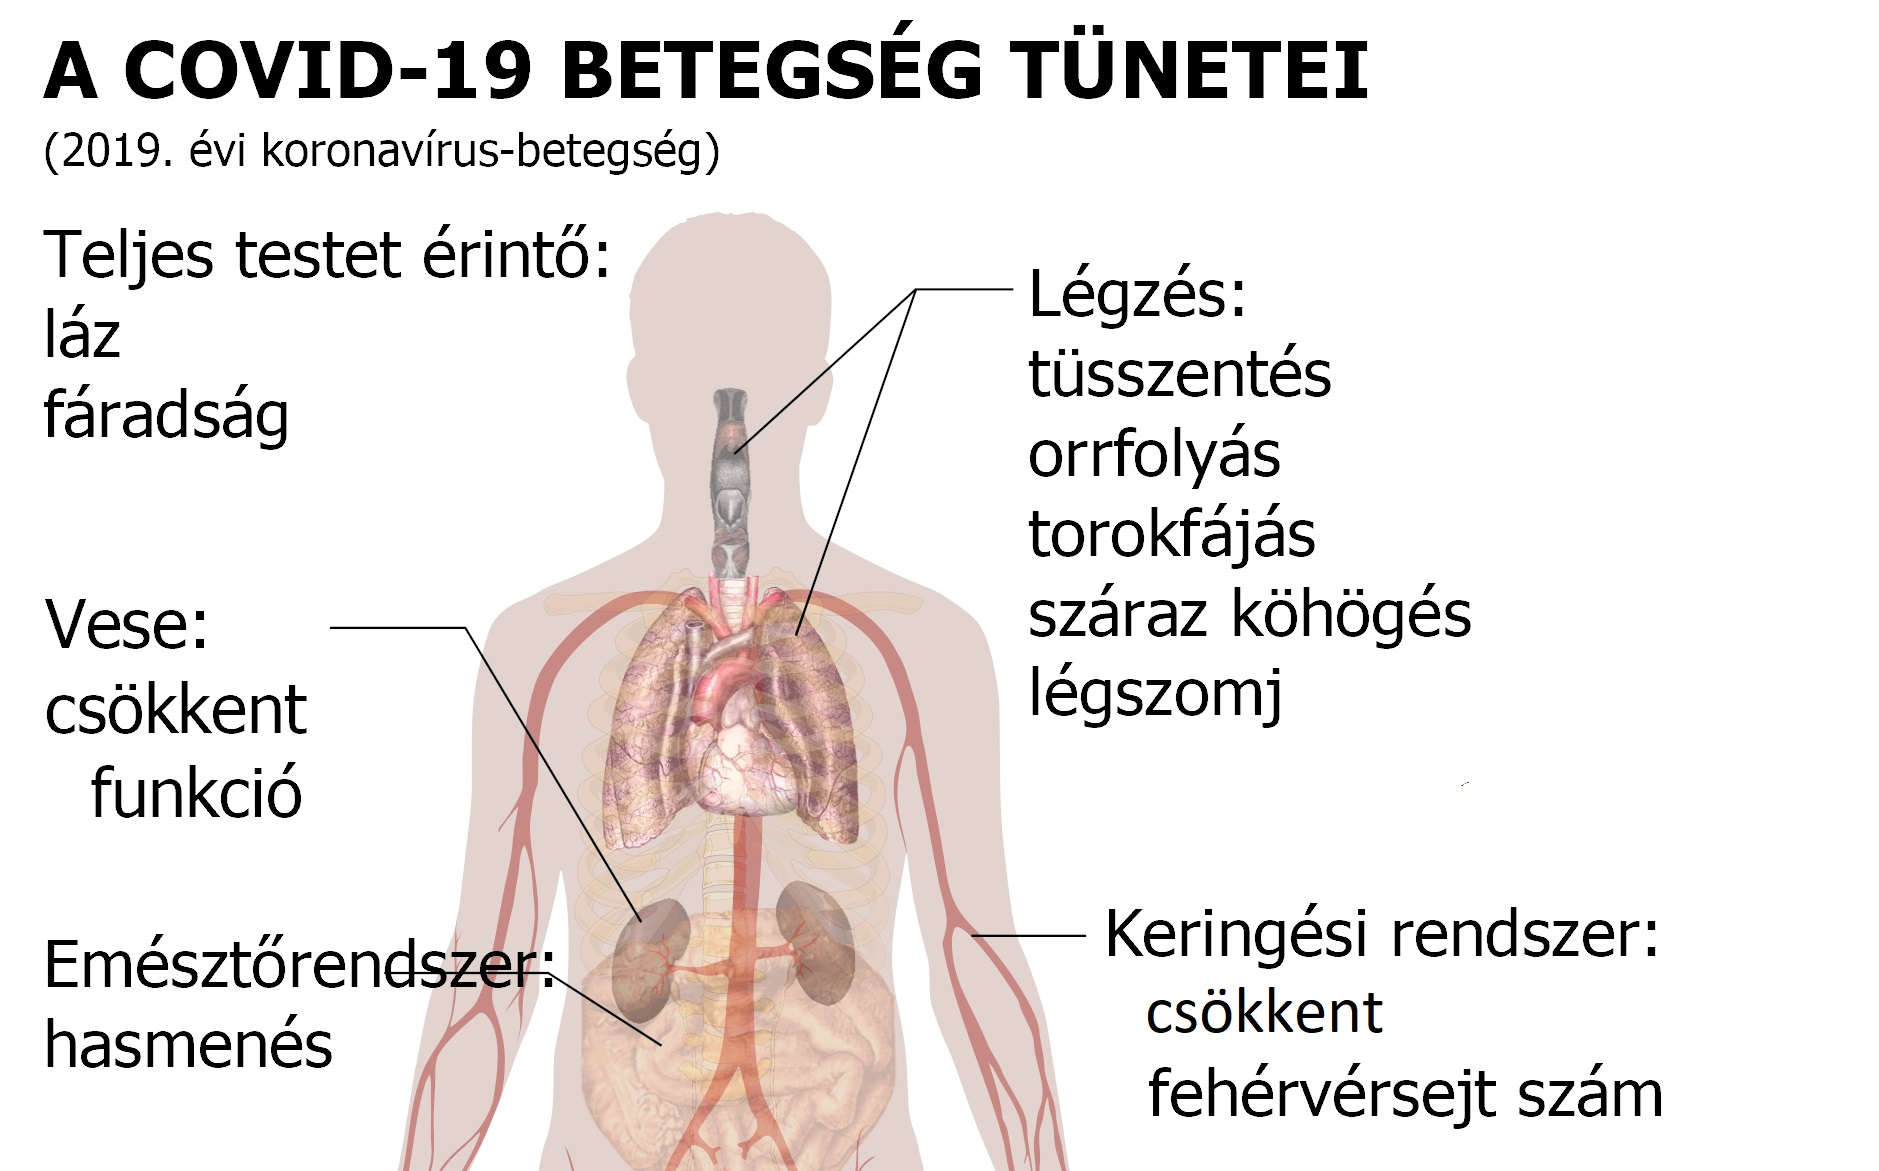 magas vérnyomás köhögés után)